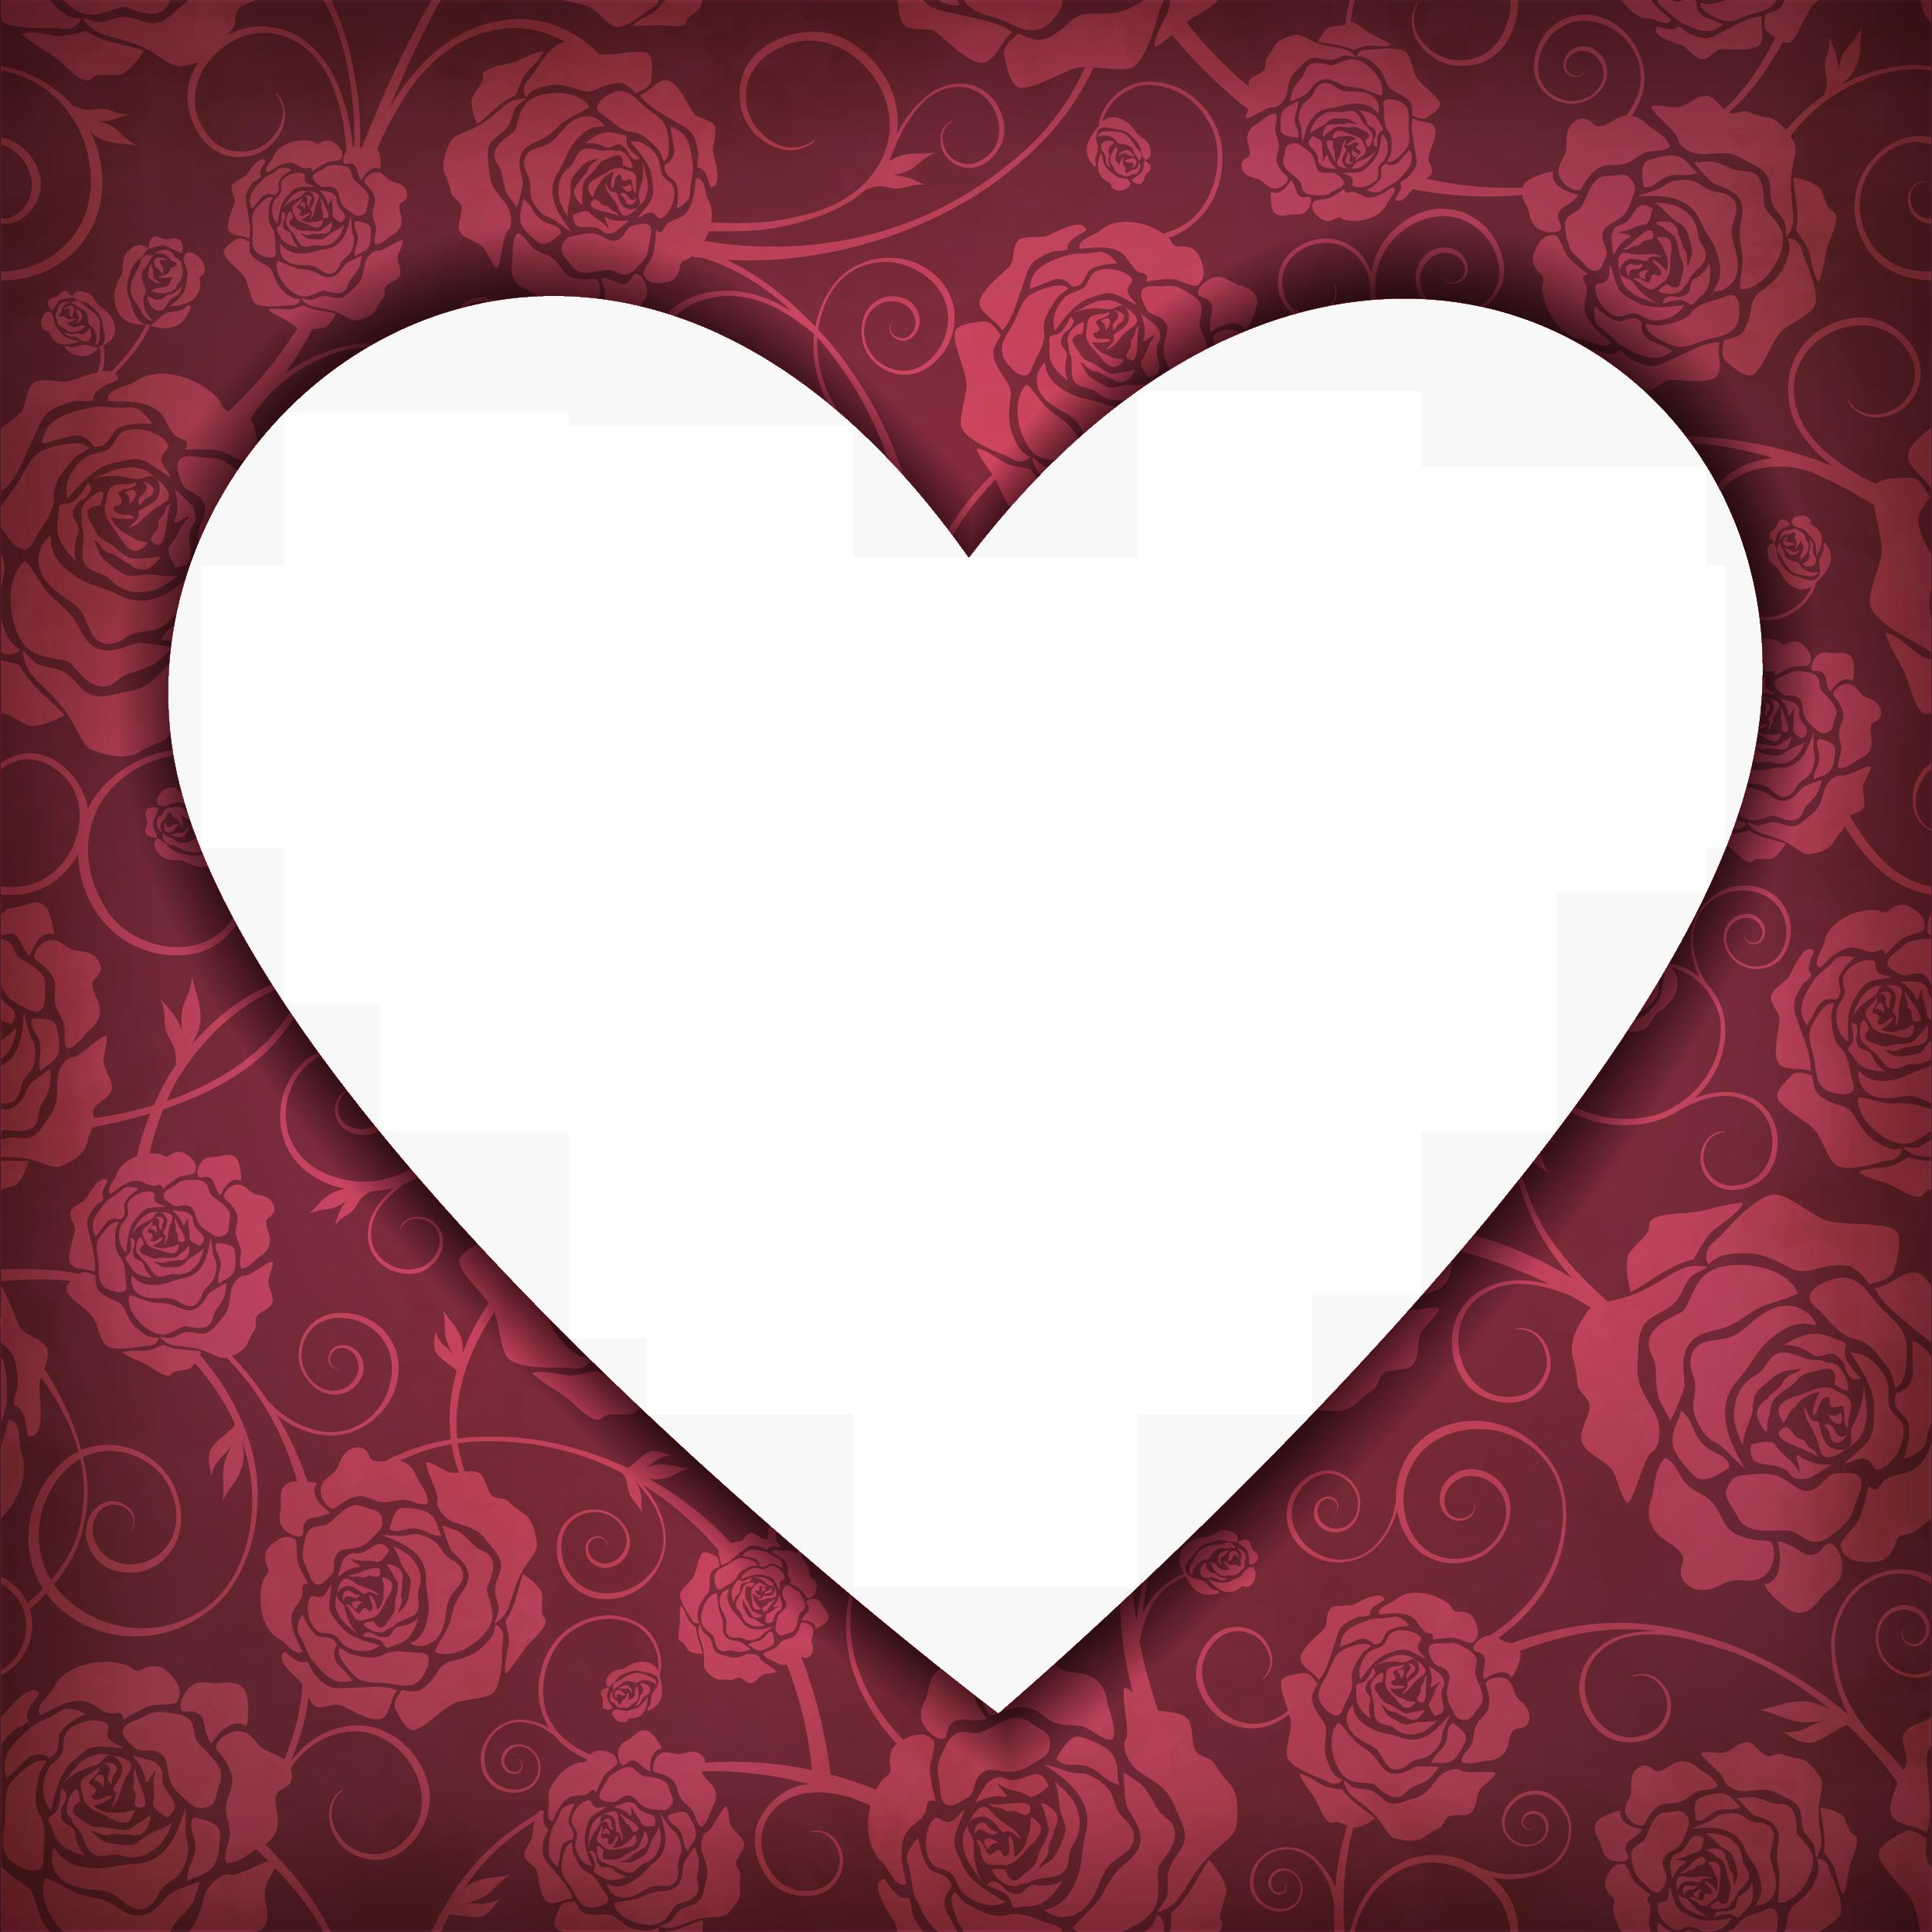 Как сделать фото с прозрачными сердечками